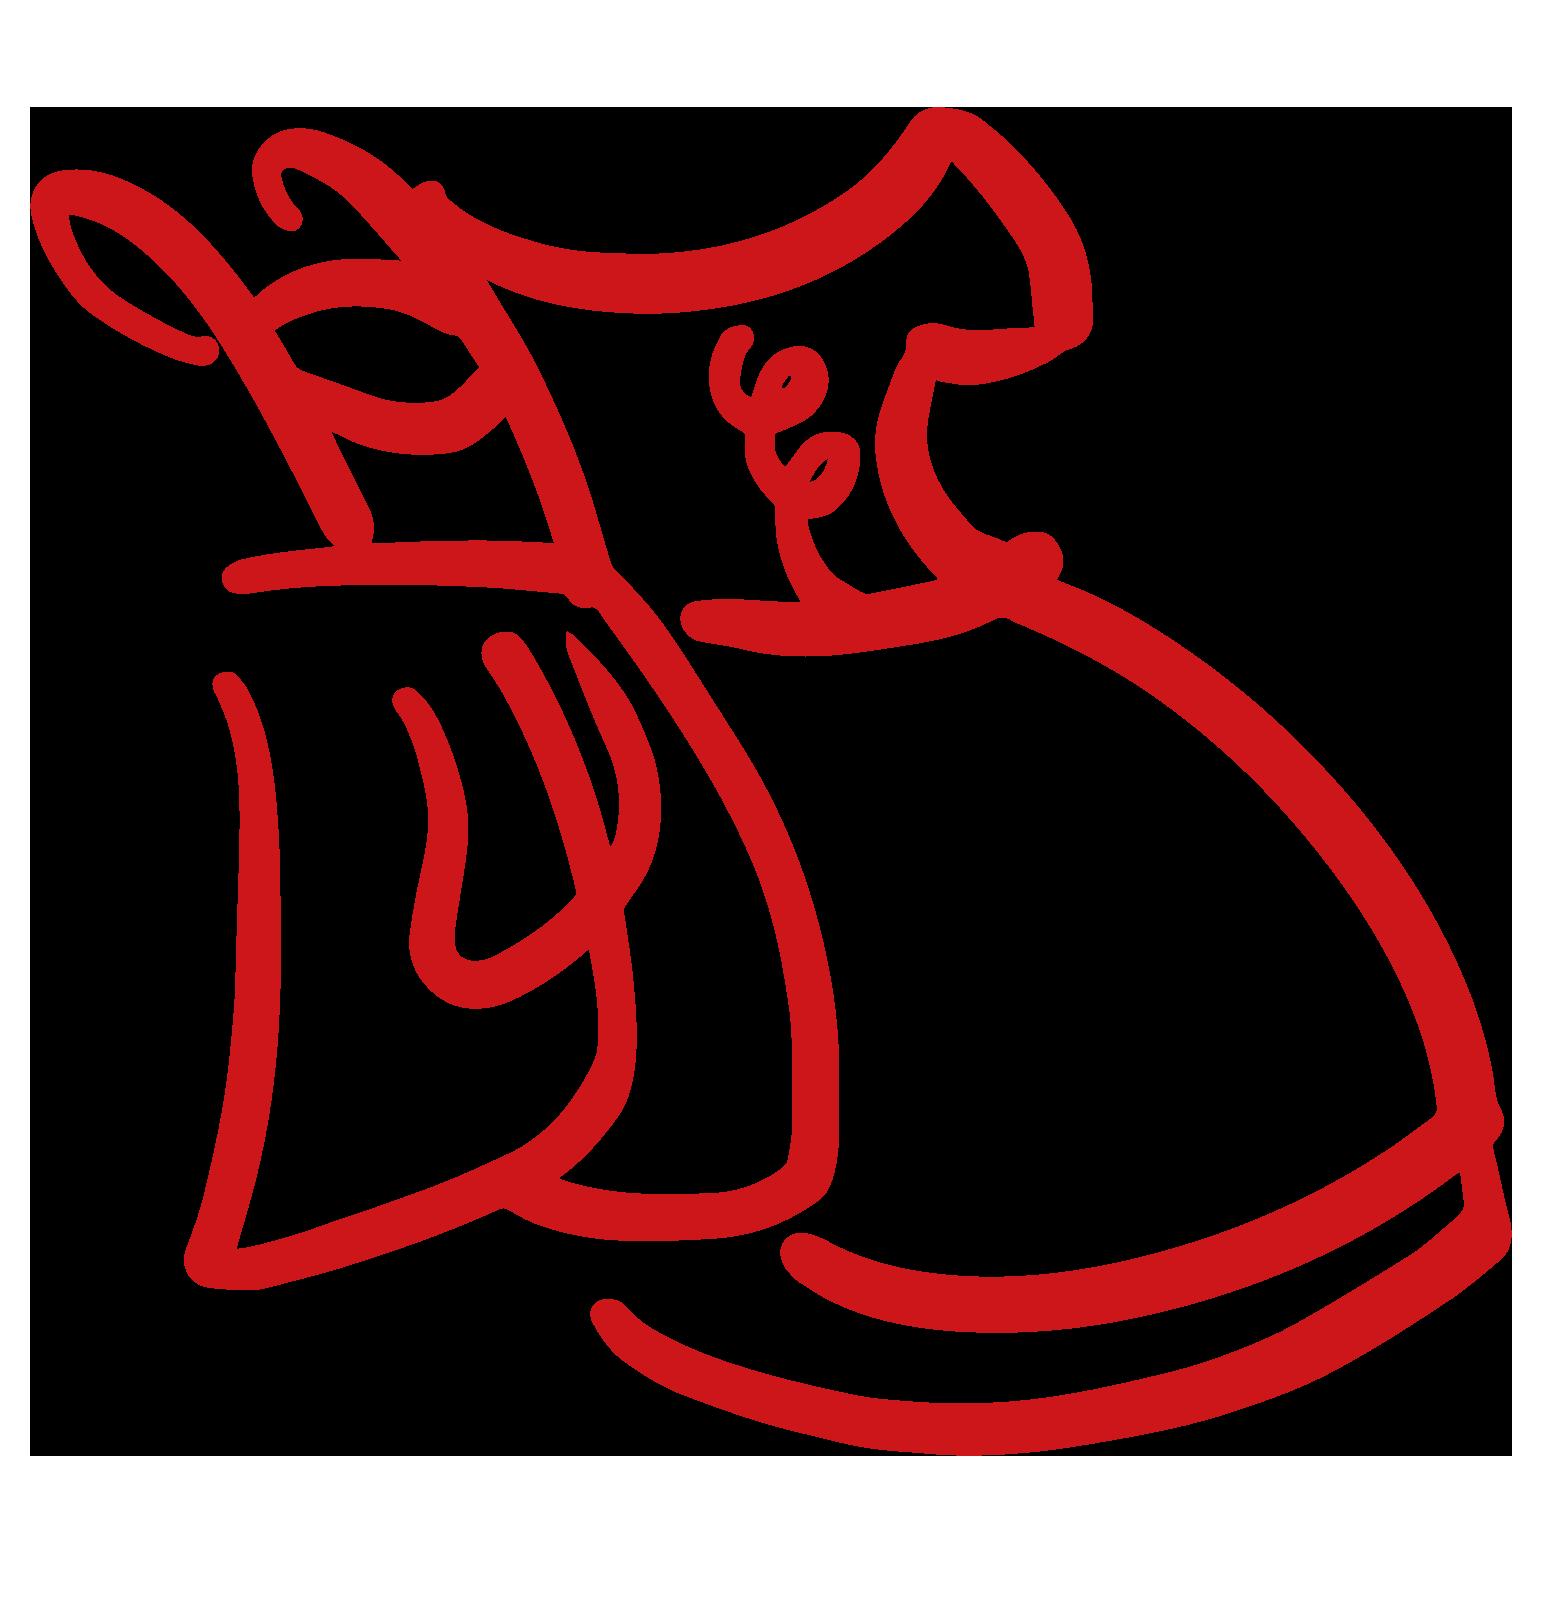 Trachtenrock im Petticoat Stil, oliv-rosa, bedruckt